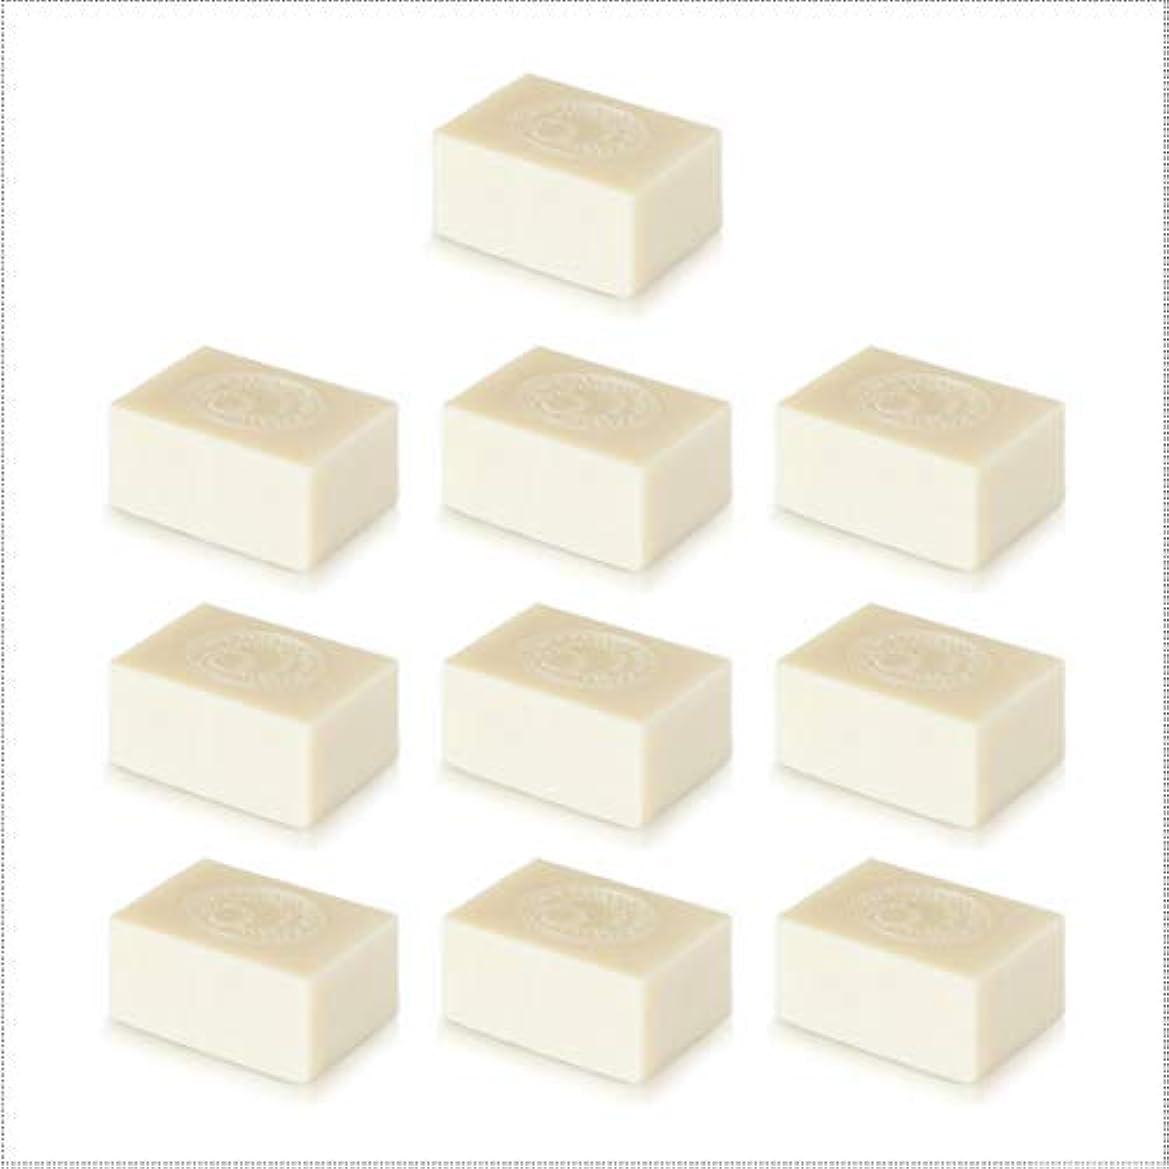 会員の量アルガン石鹸10個セット( 145g ×10個) ナイアードの無添加アルガン石鹸